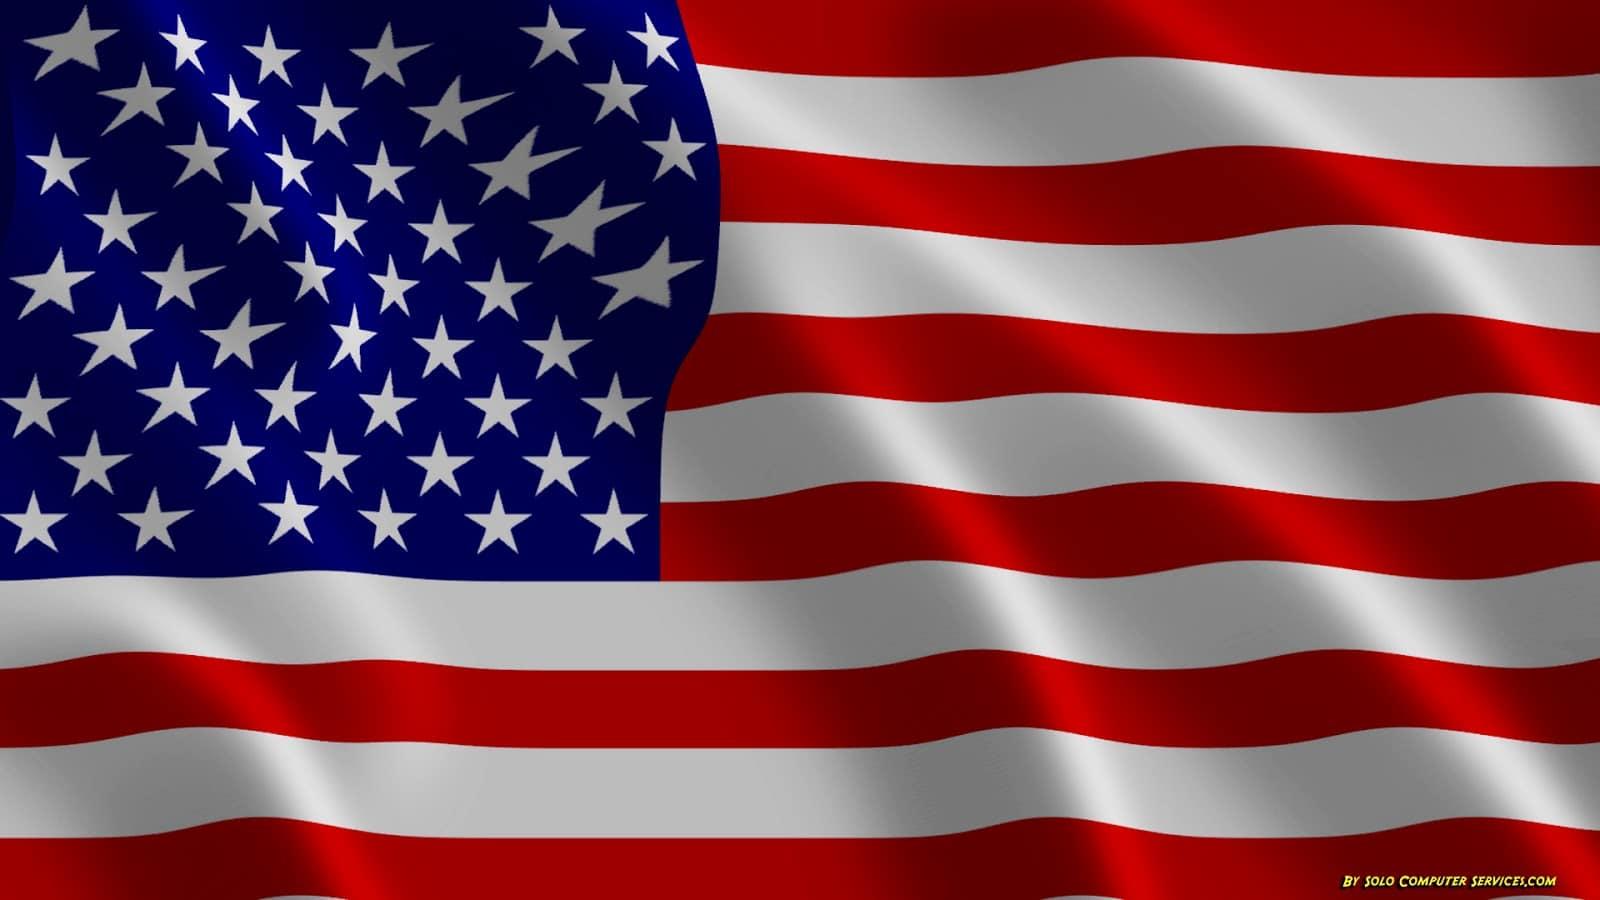 Séjour linguistique USA : que faut-il mettre dans votre valise